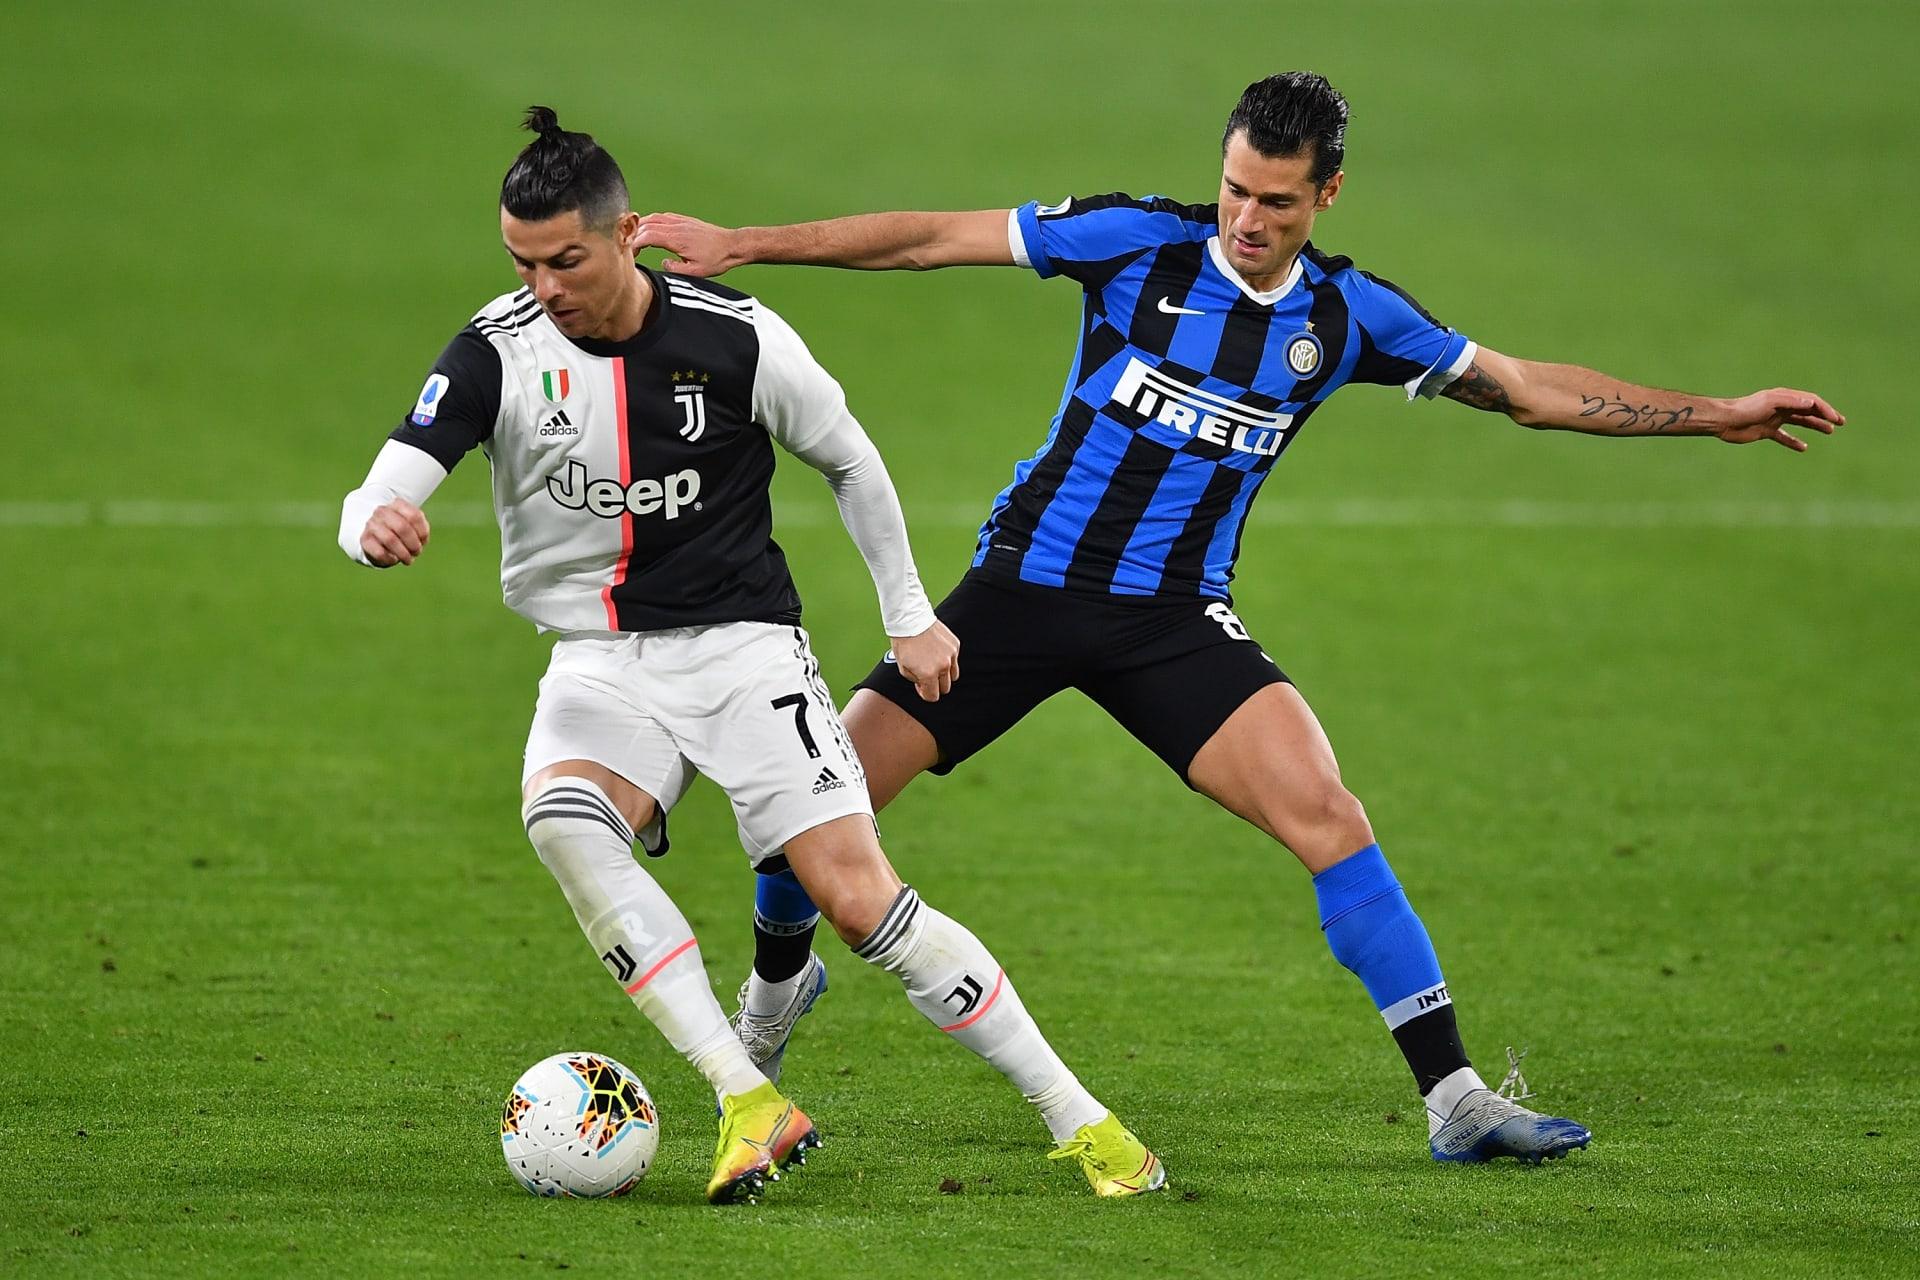 استئناف مباريات الموسم الحالي من الدوري الإيطالي في 20 يونيو